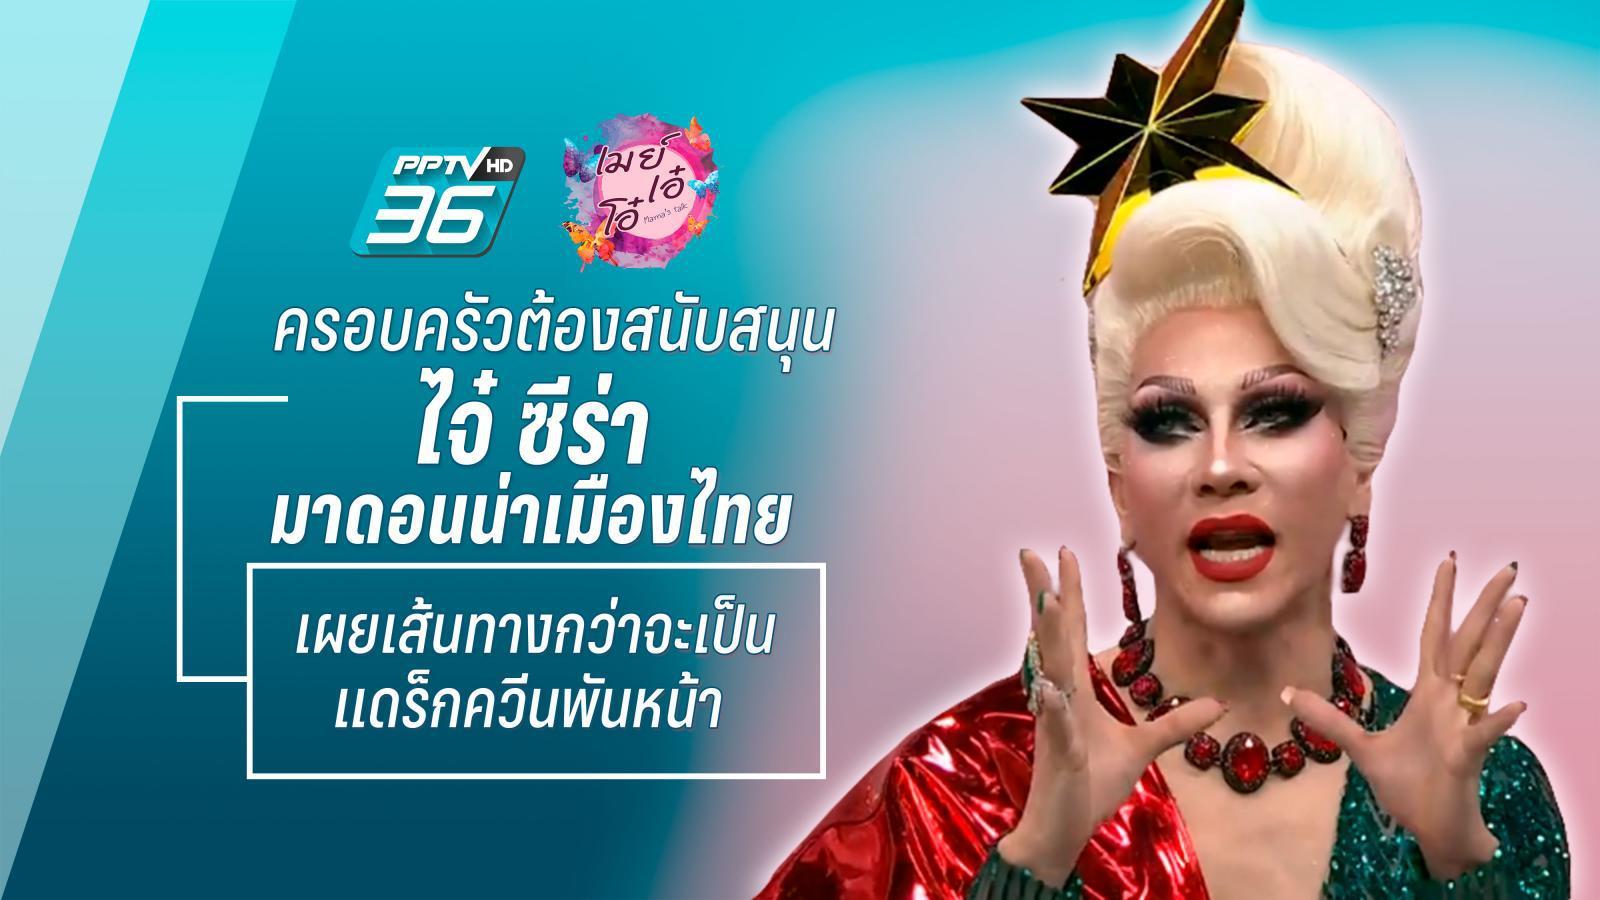 ครอบครัวต้องสนับสนุน ไจ๋ ซีร่า มาดอนน่าเมืองไทย เผยเส้นทางกว่าจะเป็นแดร็กควีนพันหน้า